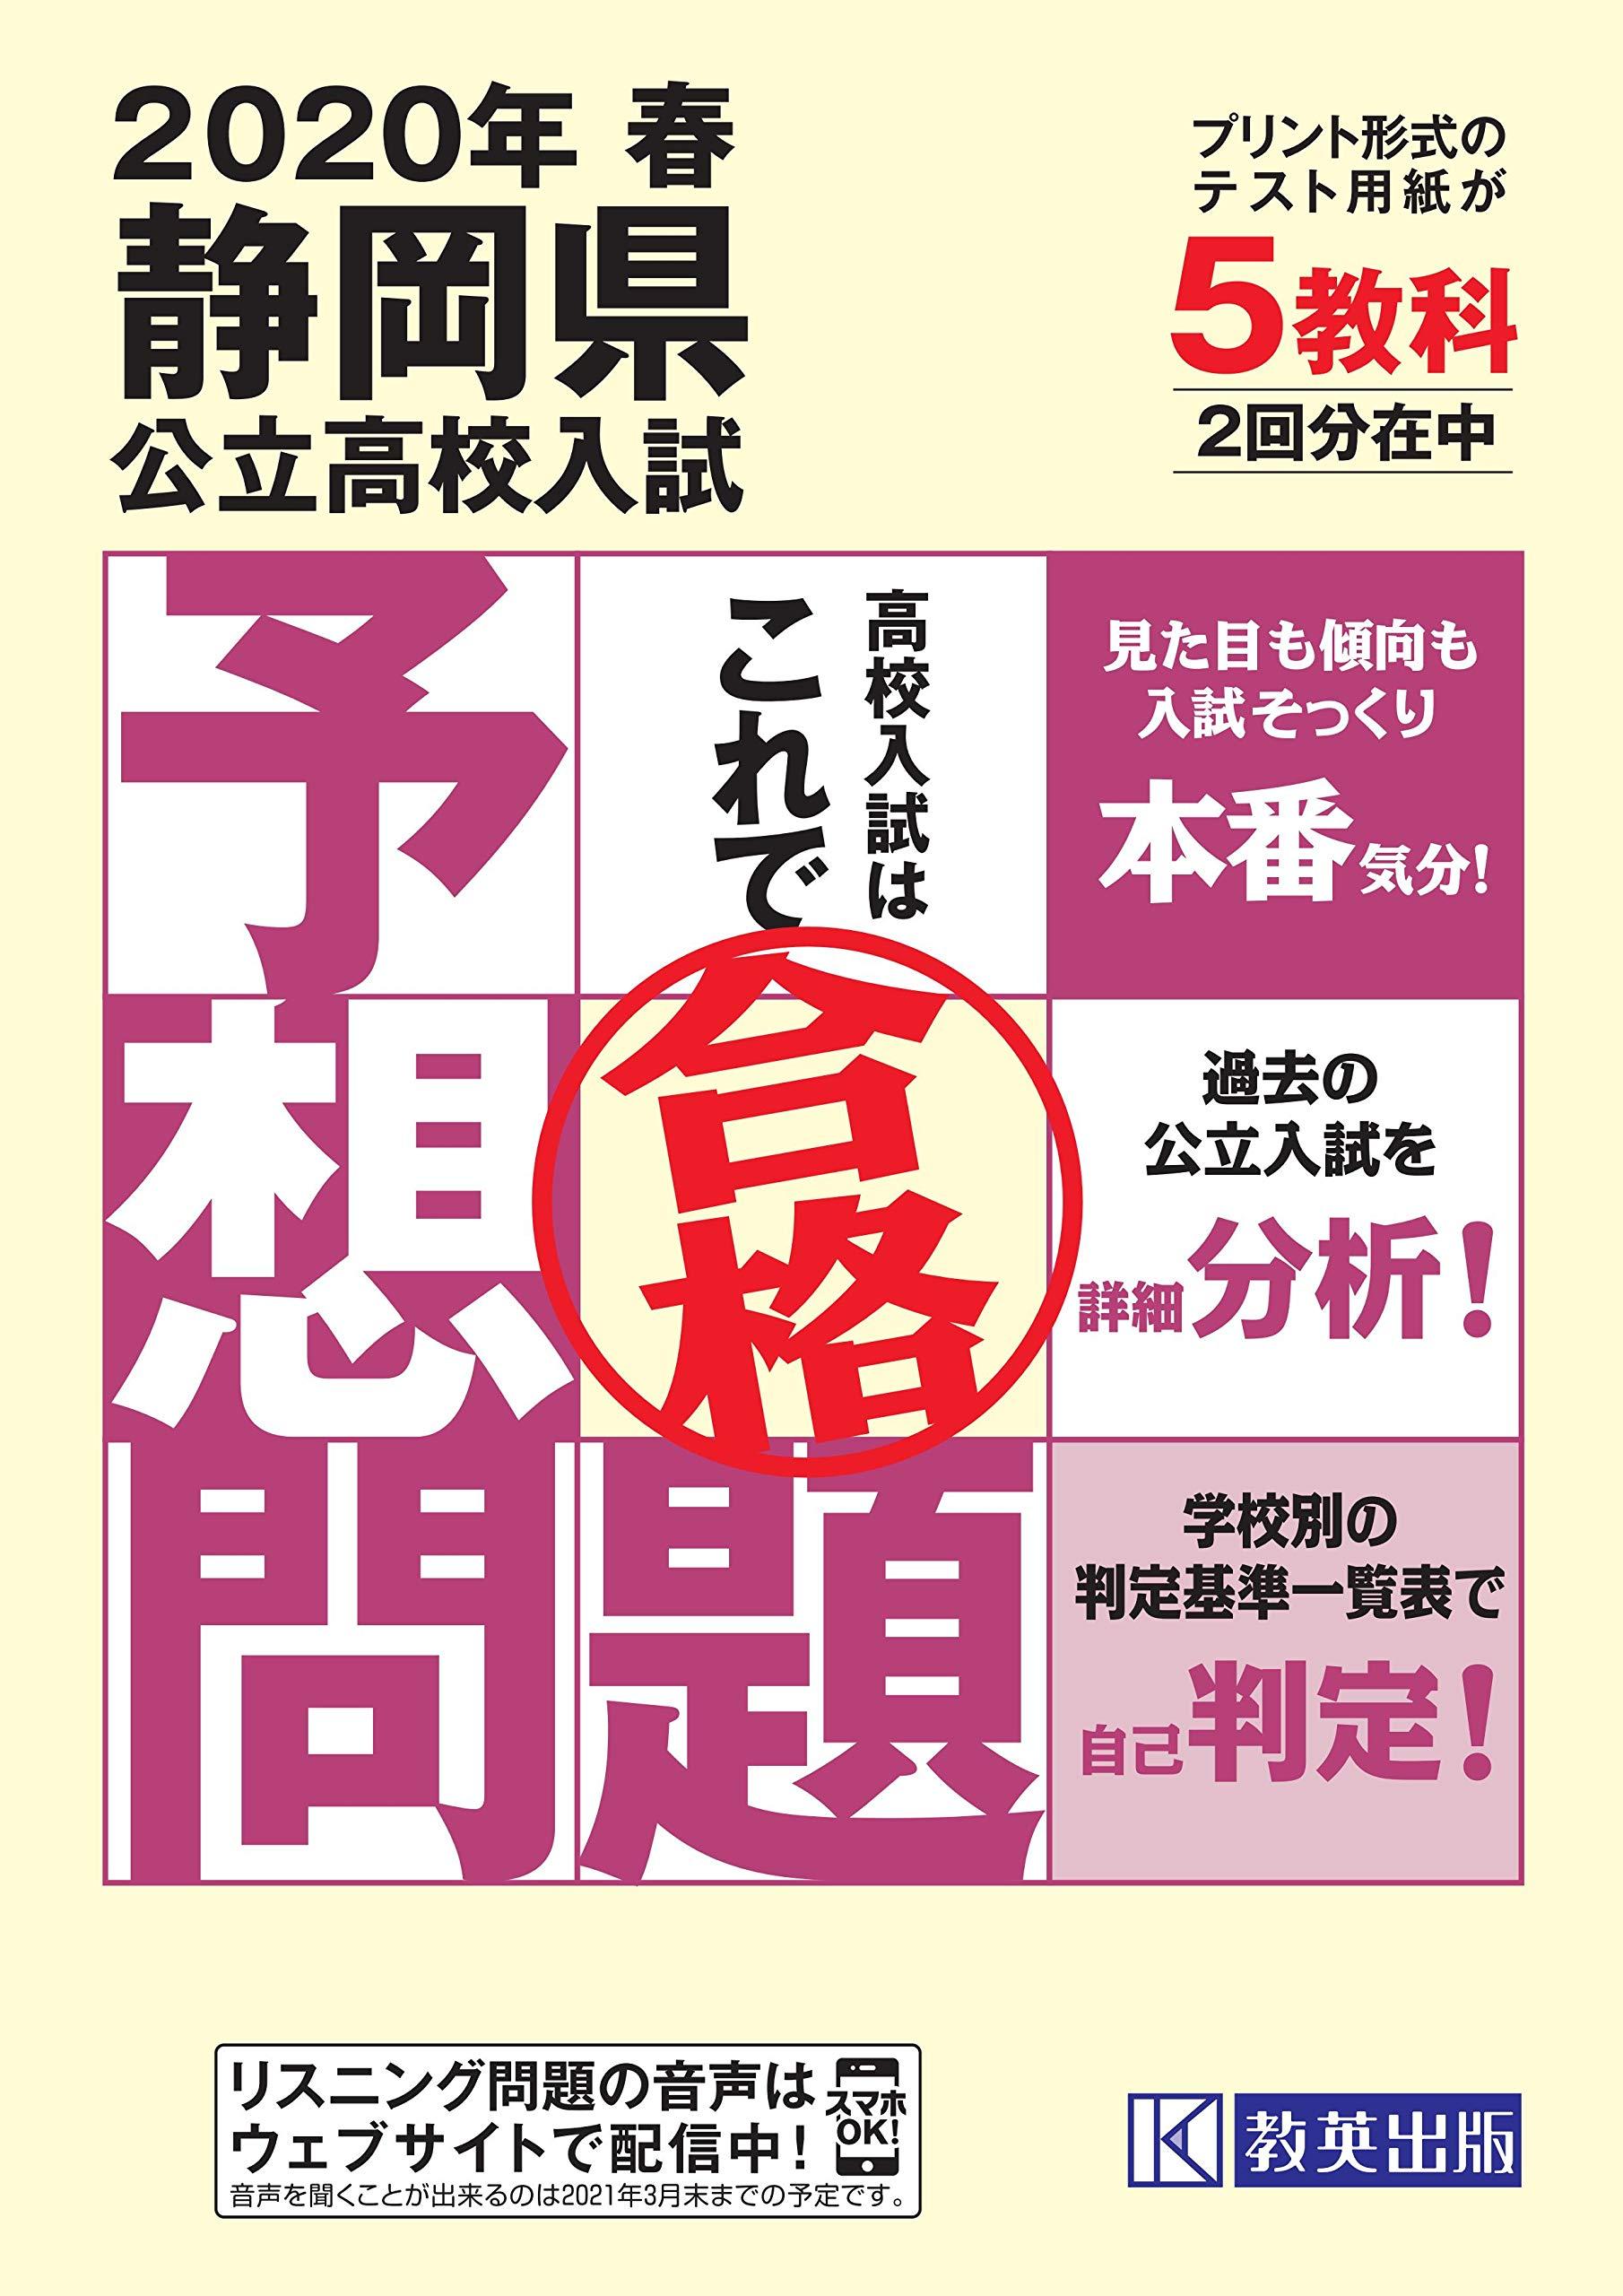 県 2020 高校 入試 静岡 公立